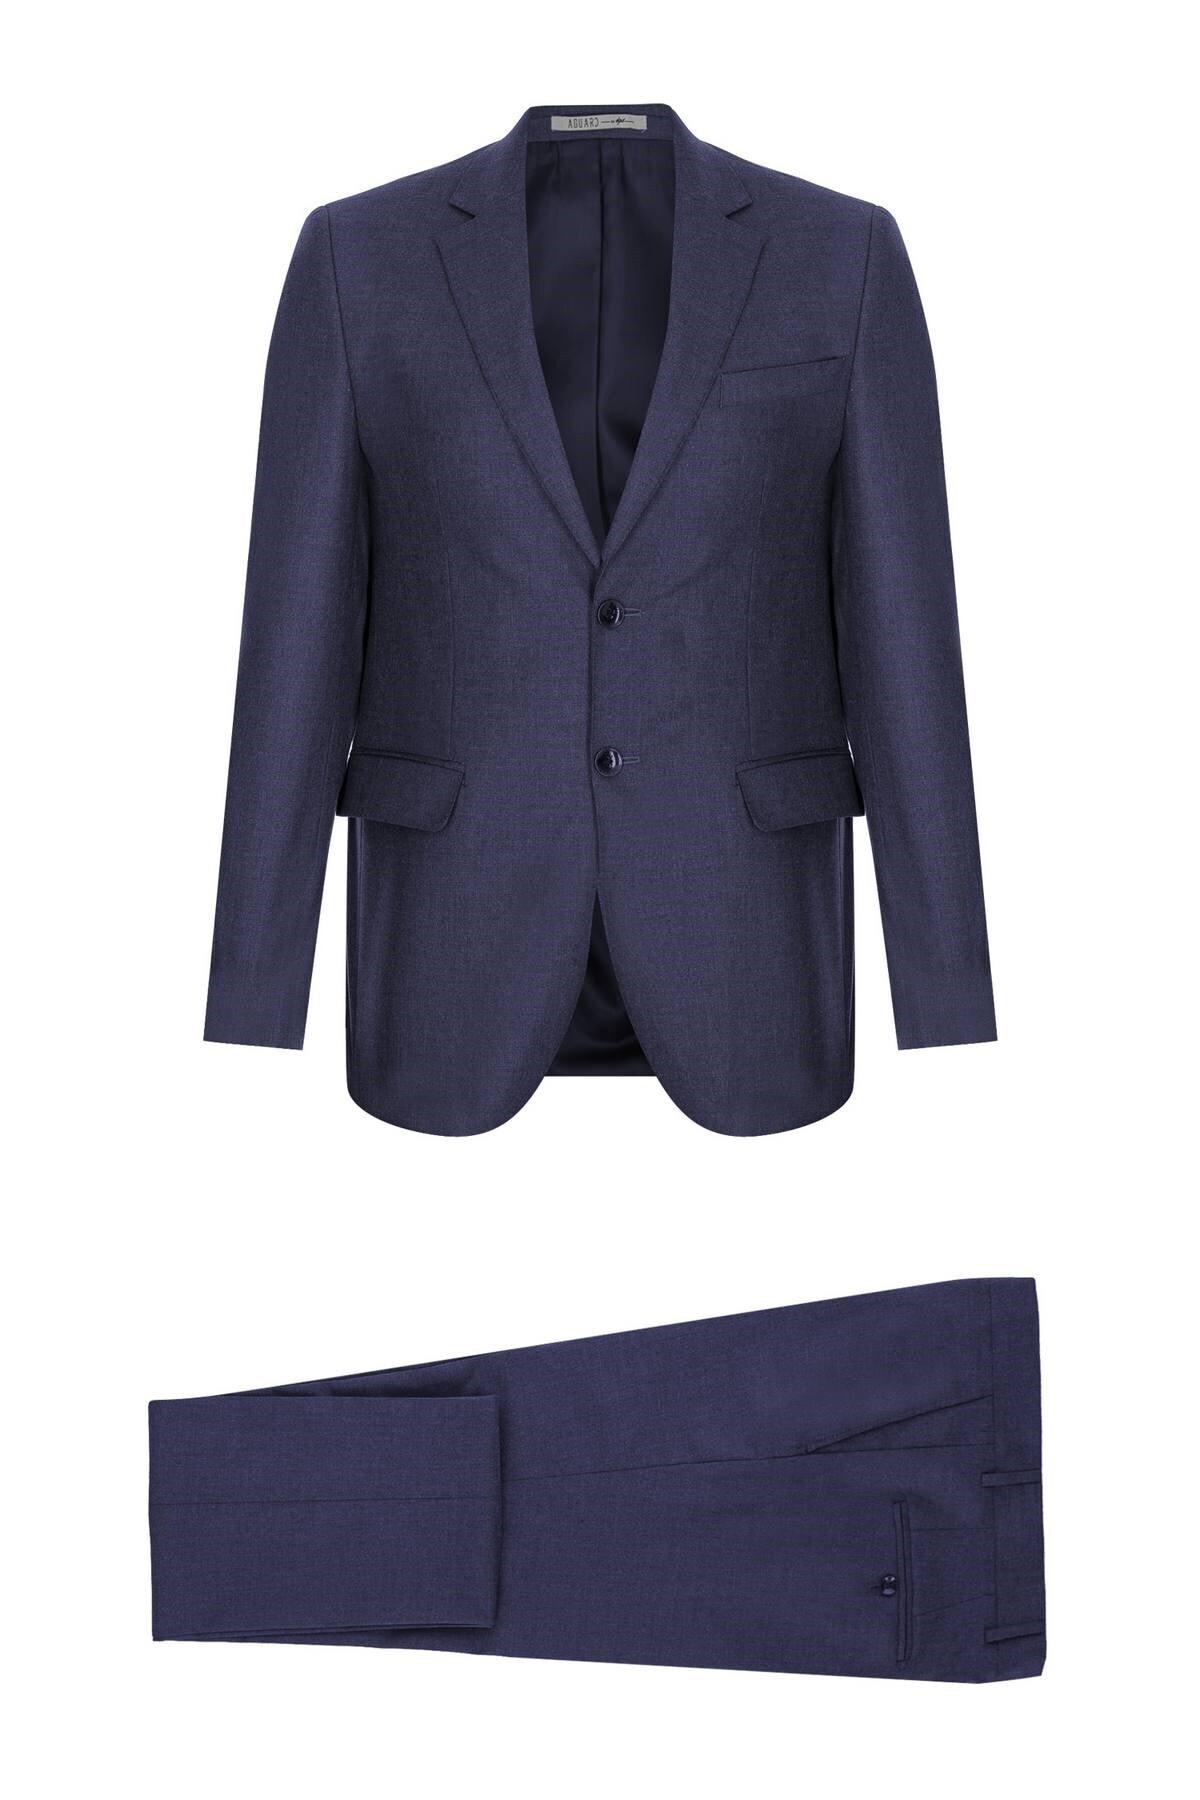 İgs Erkek A.laci Barı / Geniş Kalıp Std Takım Elbise 1